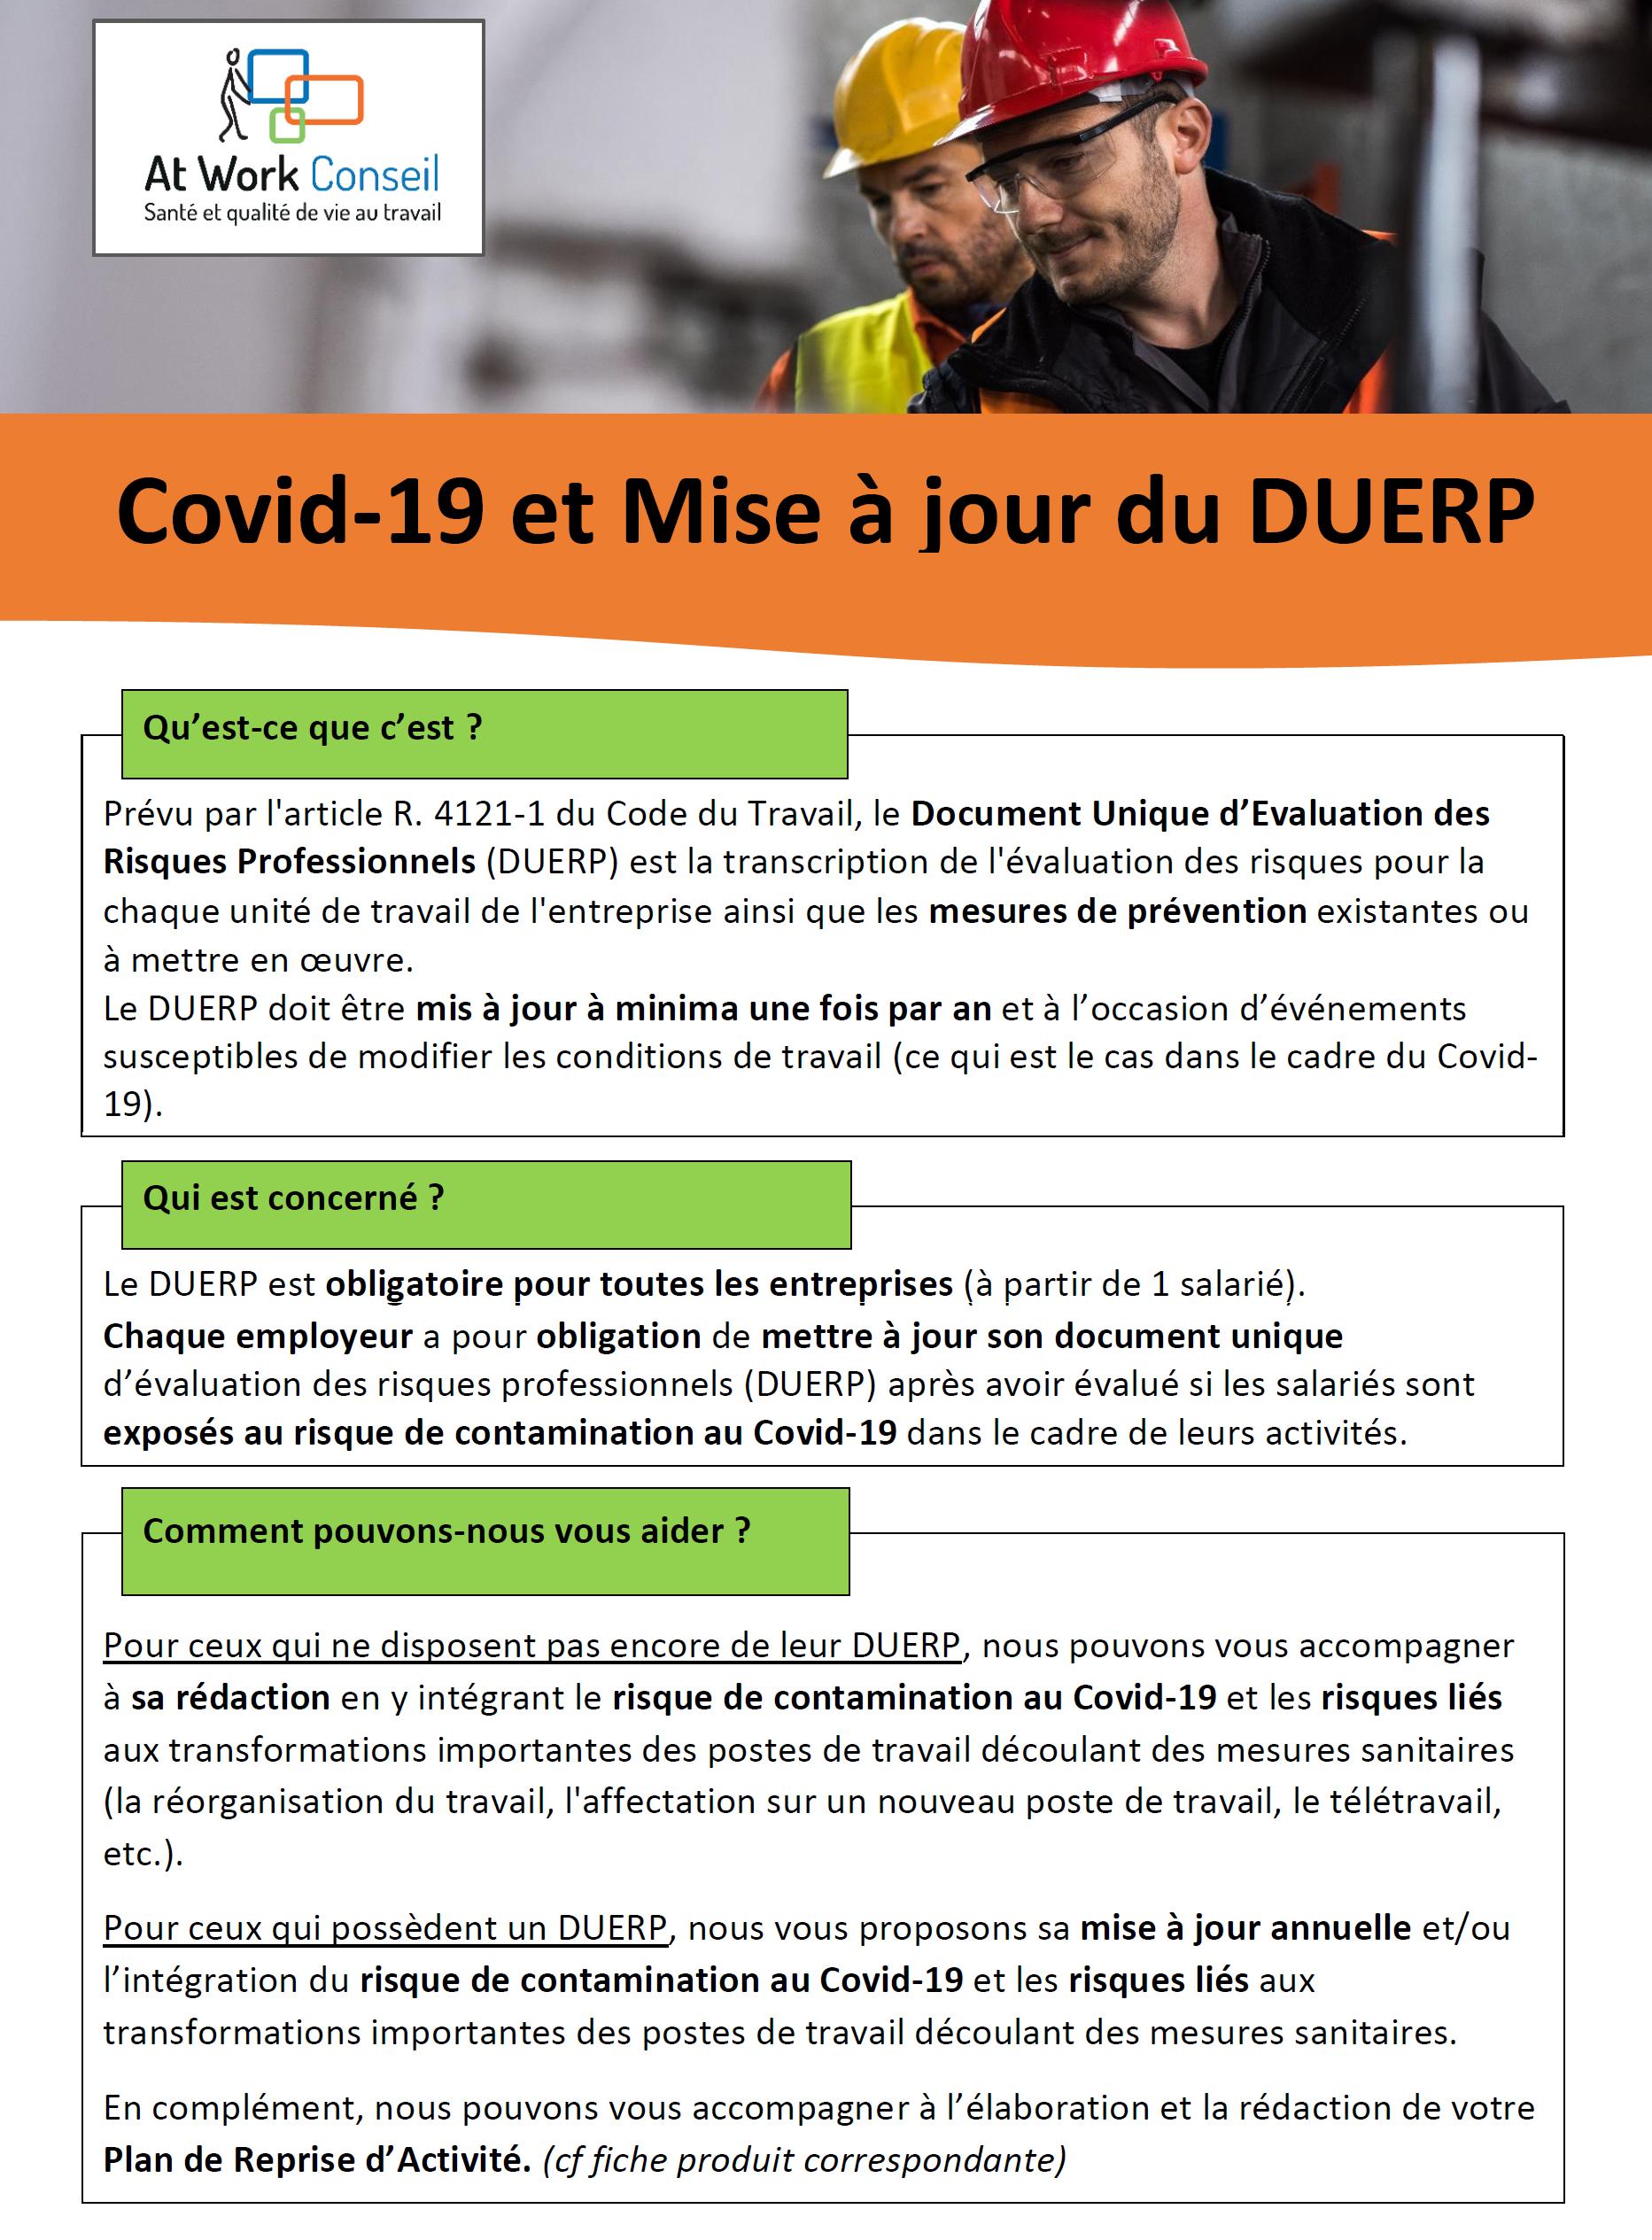 Fiche produit Covid 19 et DUERP - At Work Conseil